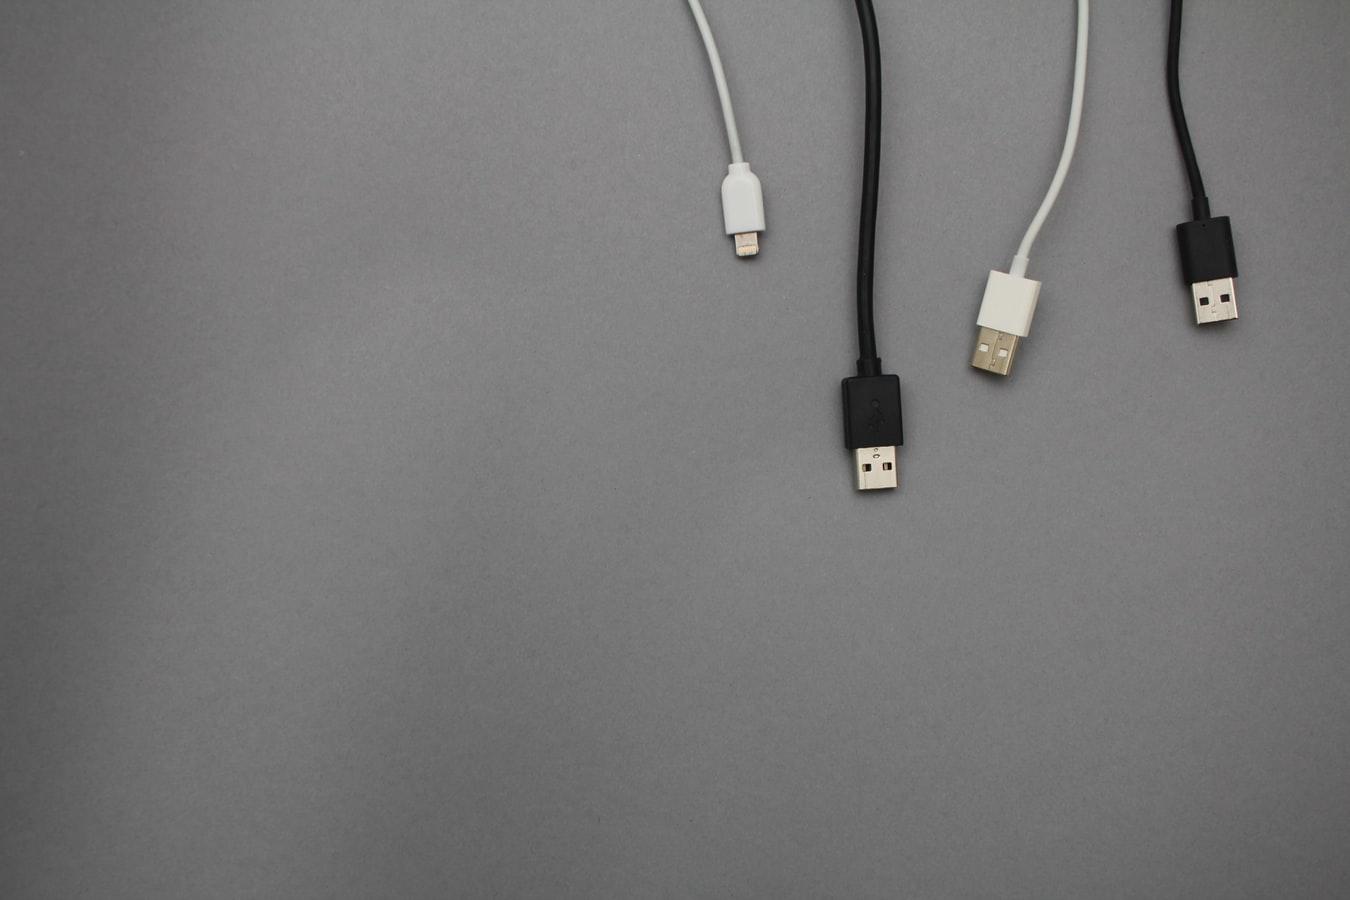 Οι χάκερ μπορούν τώρα να εξαπατήσουν τους φορτιστές USB για να καταστρέψουν τις συσκευές σας